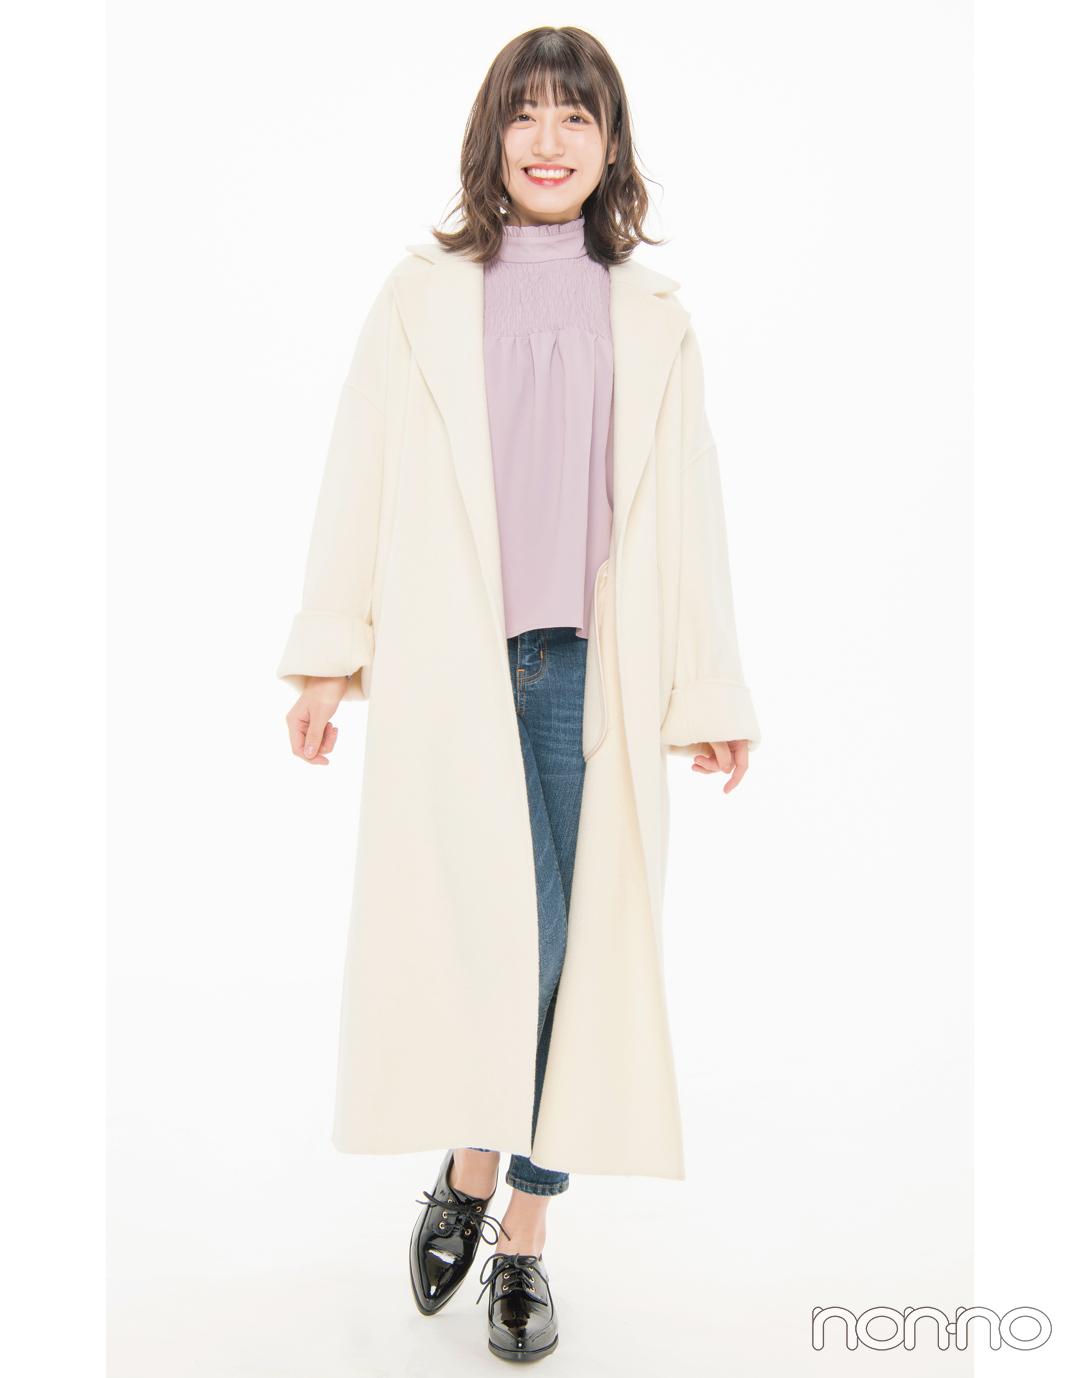 背が高い人のコートの選び方、正解は?【アウター全力試着室】_1_7